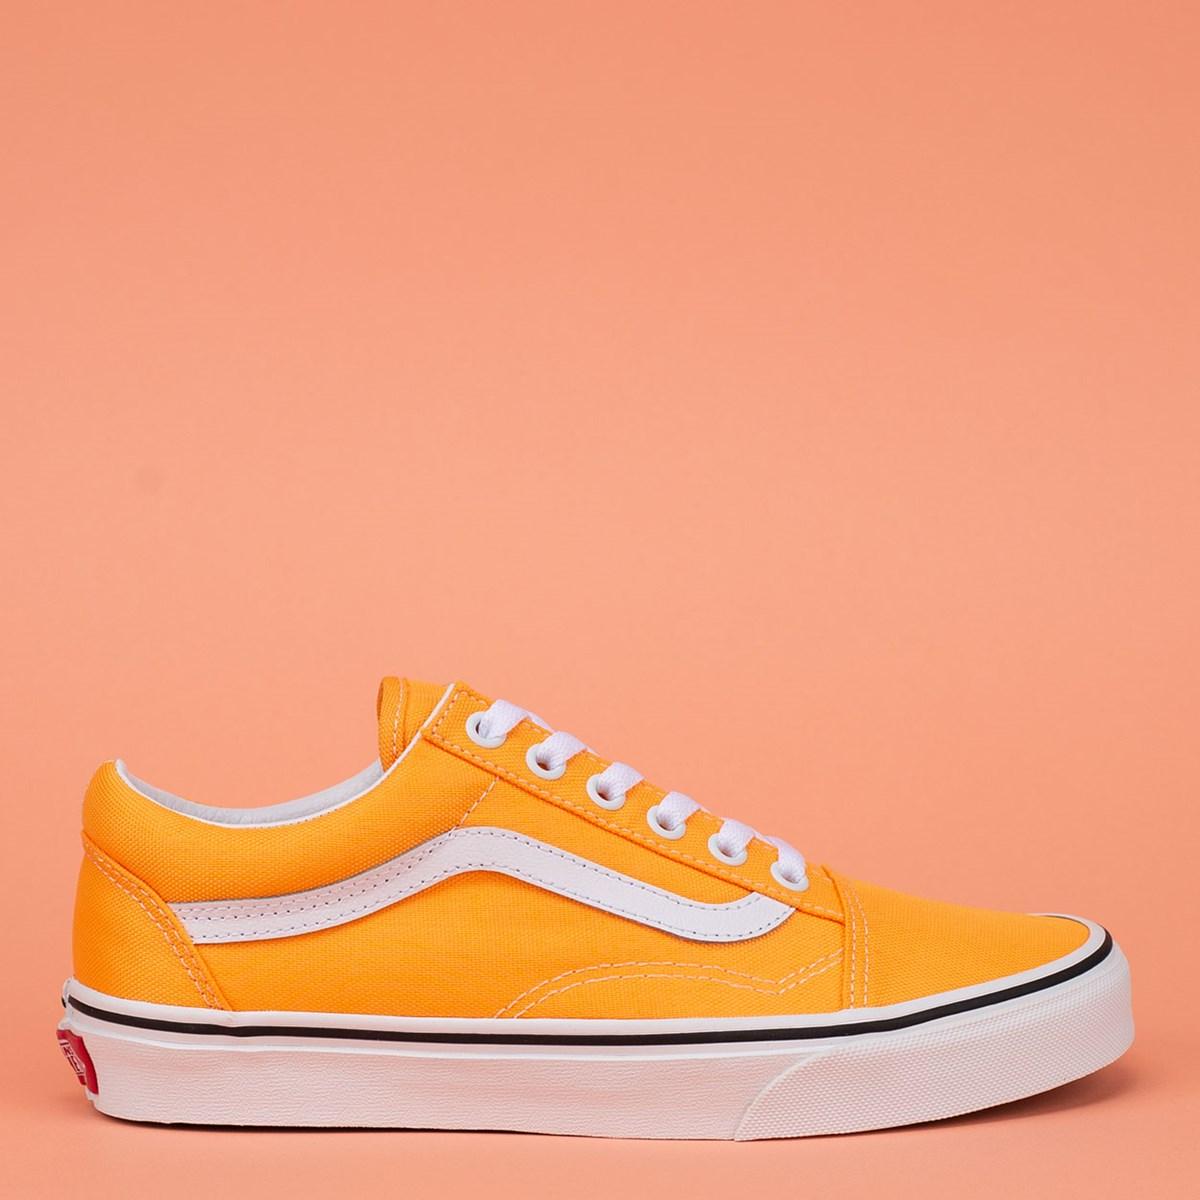 Tênis Vans Old Skool Neon Blazing Orange VN0A4U3BWT4